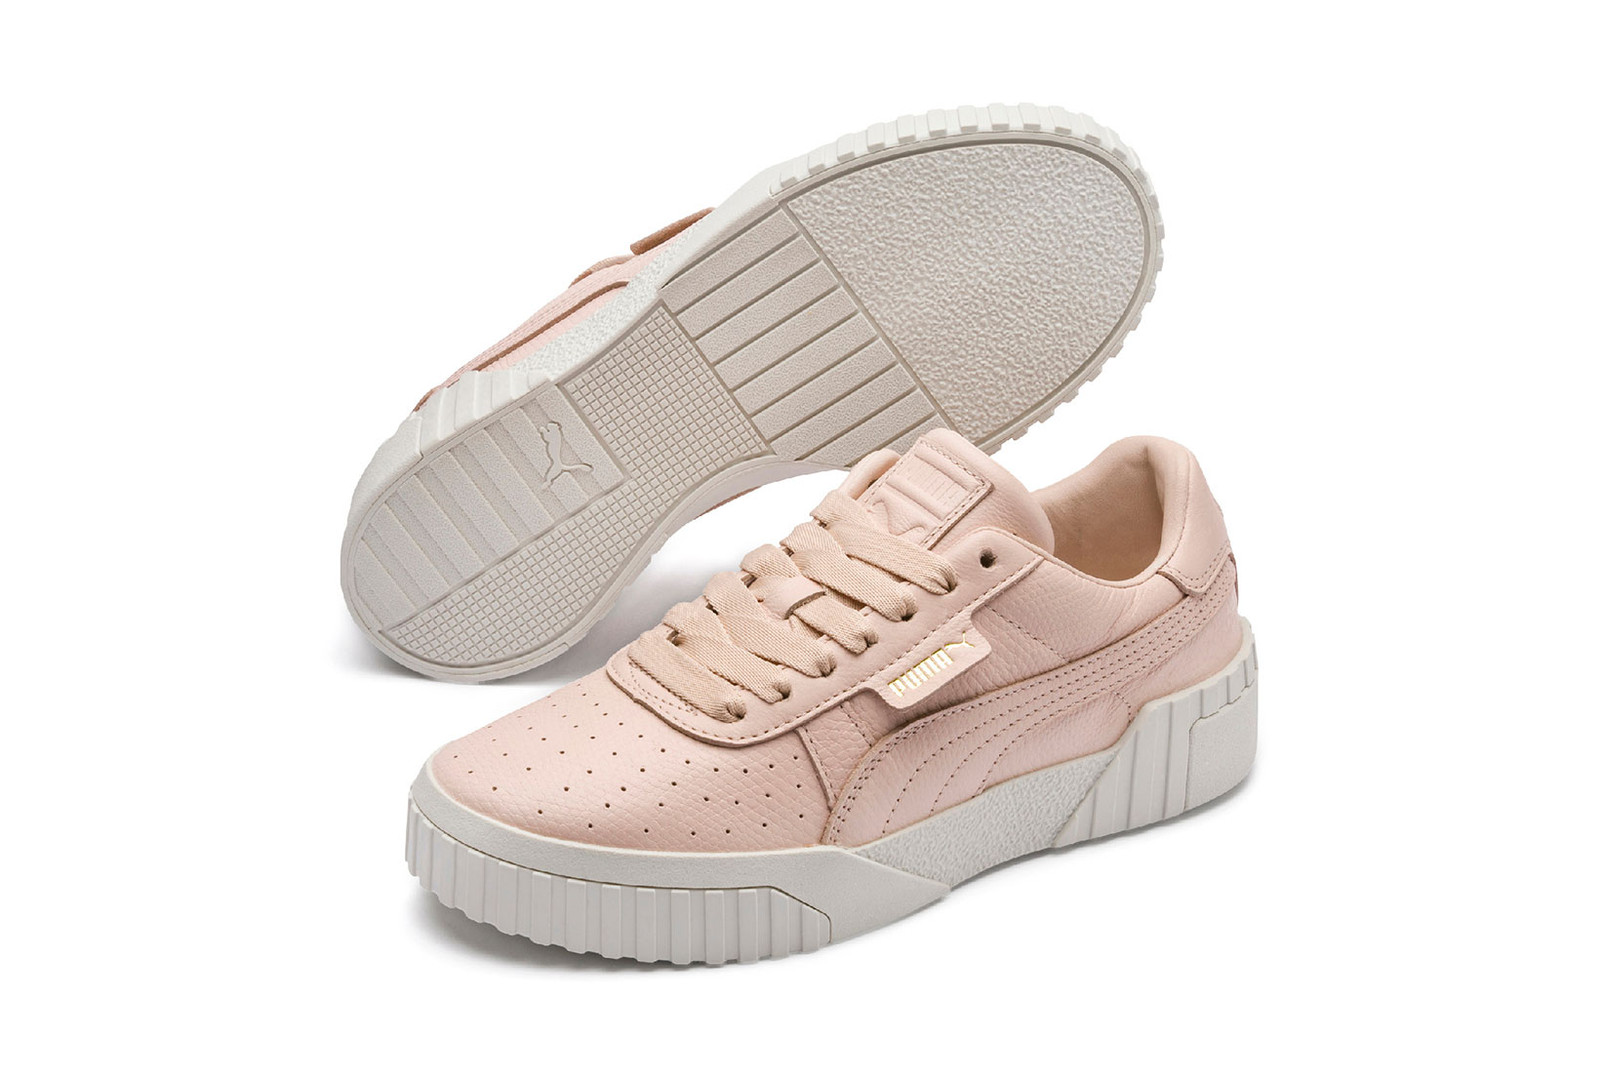 Puma Women's Leather Cali Sneaker Re-release